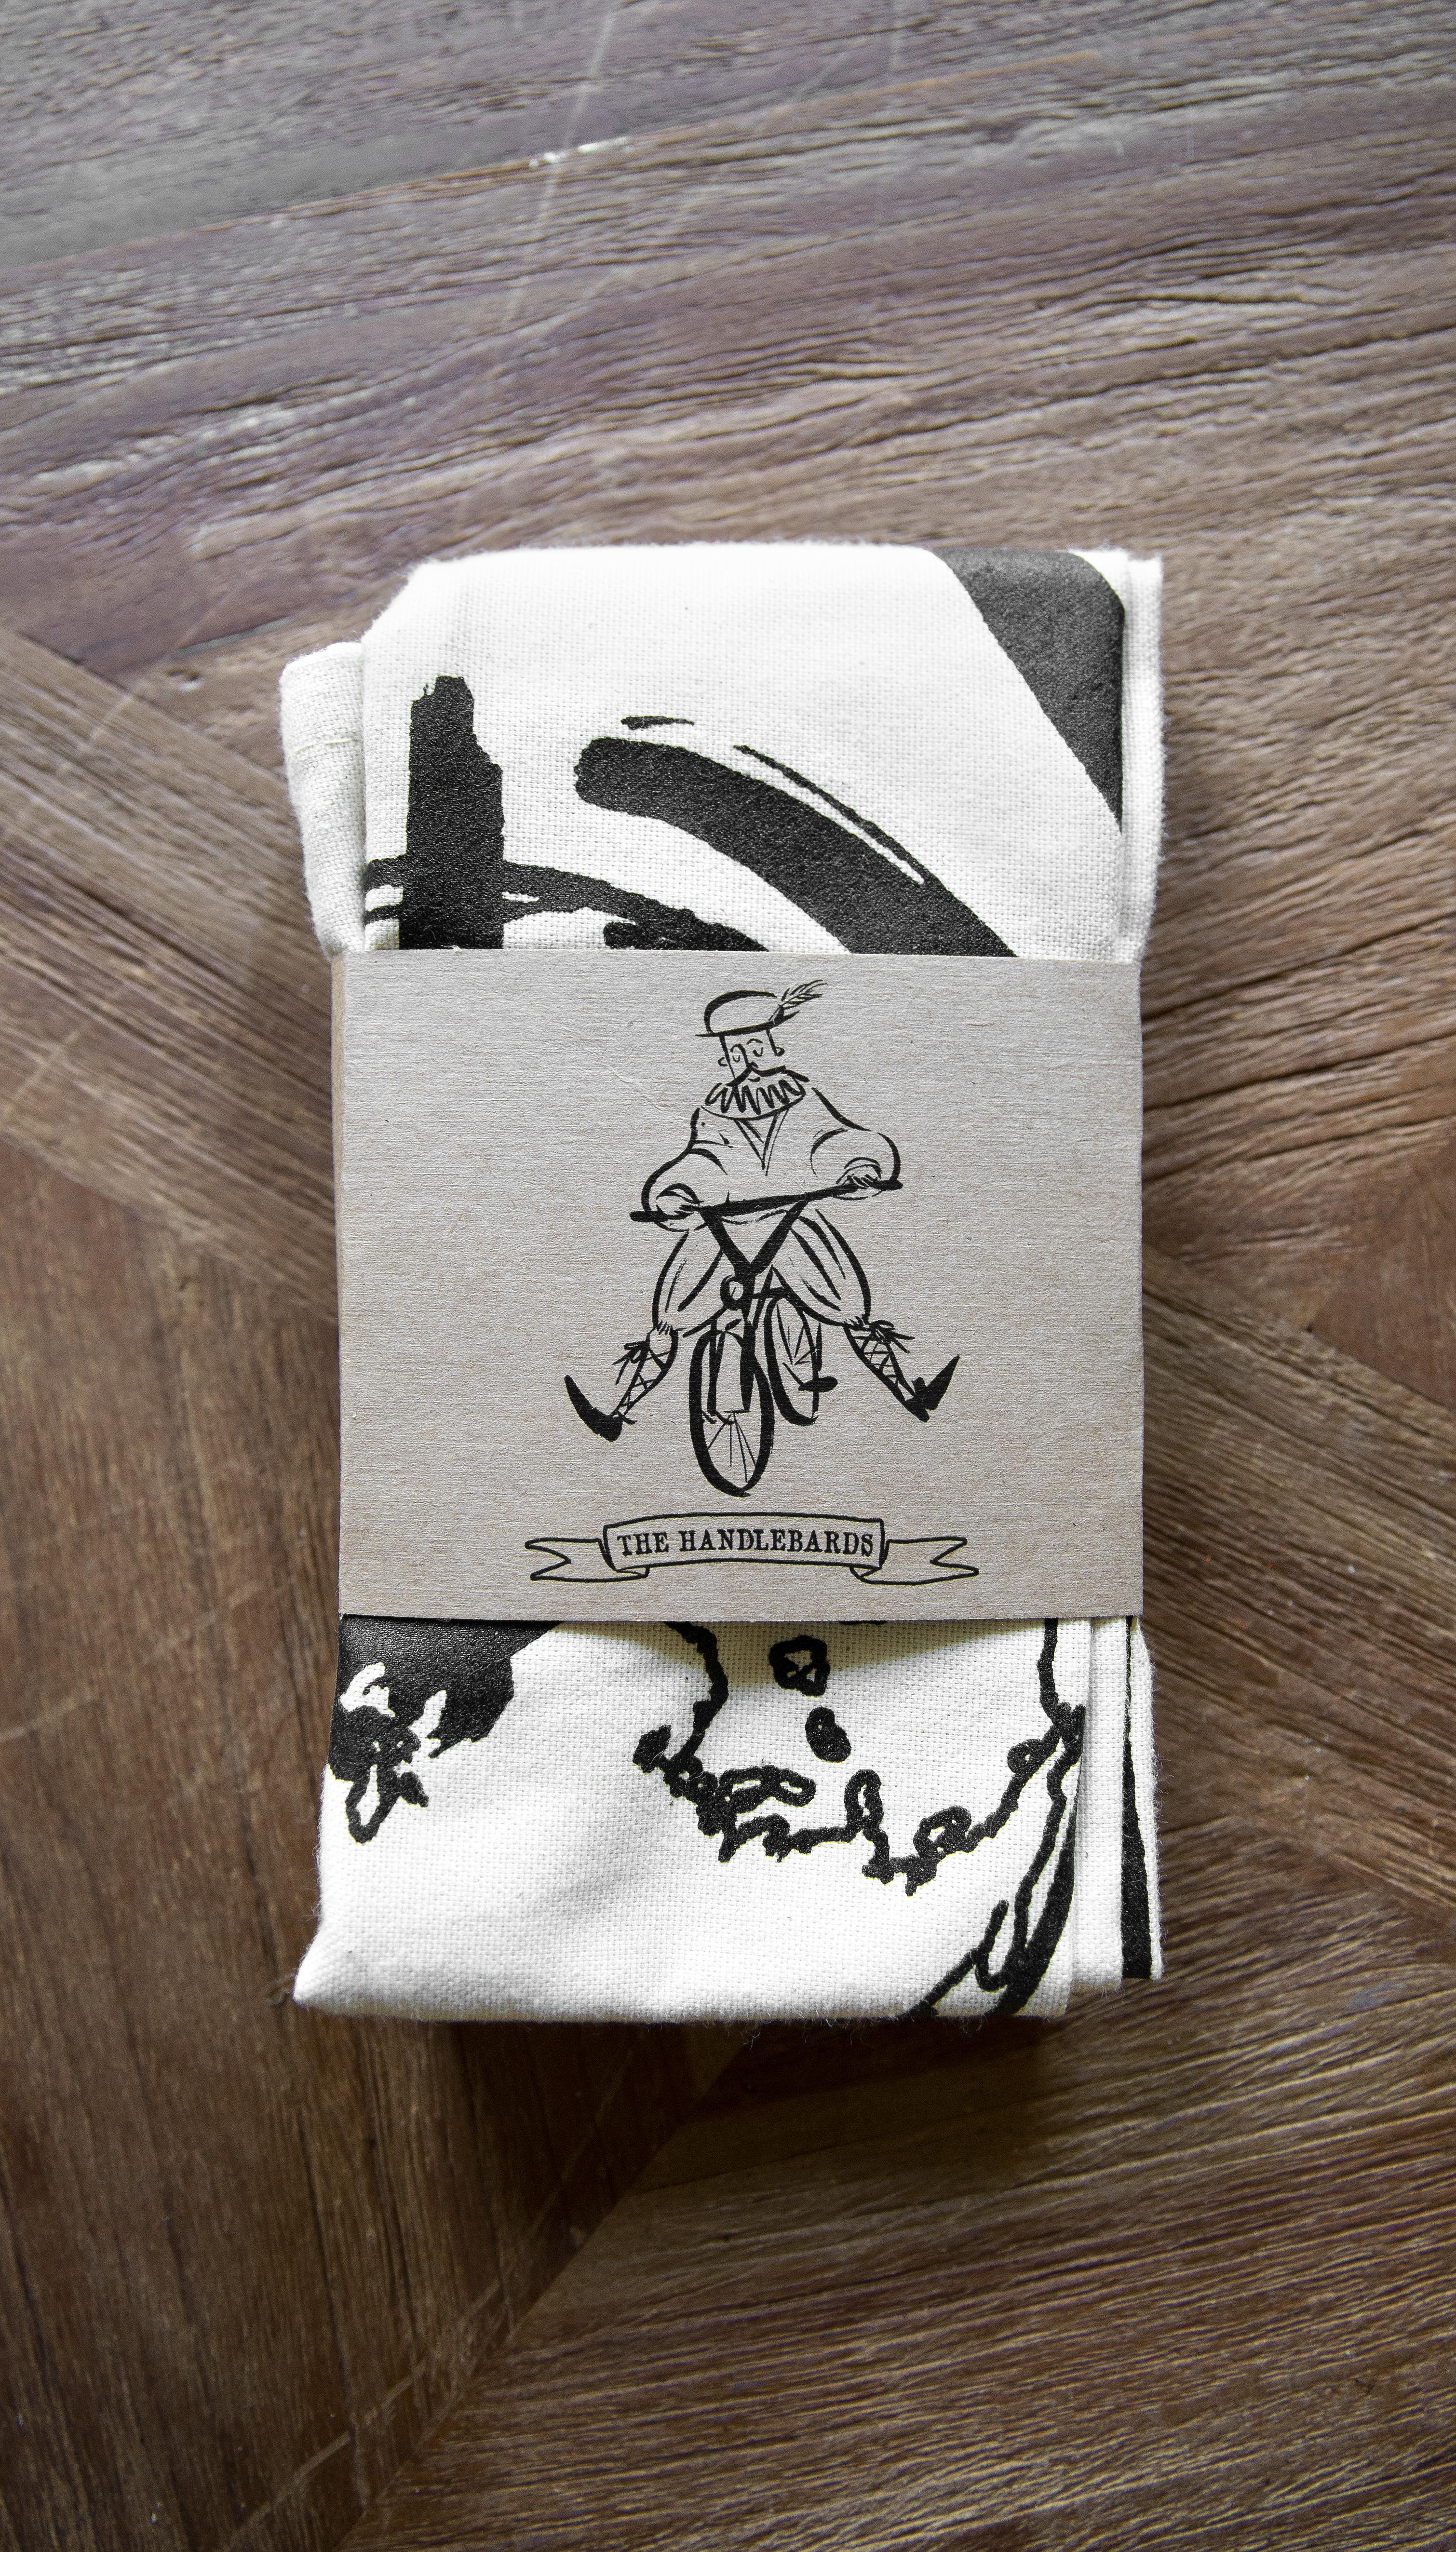 Bicycle tea towel in cardboard sleeve